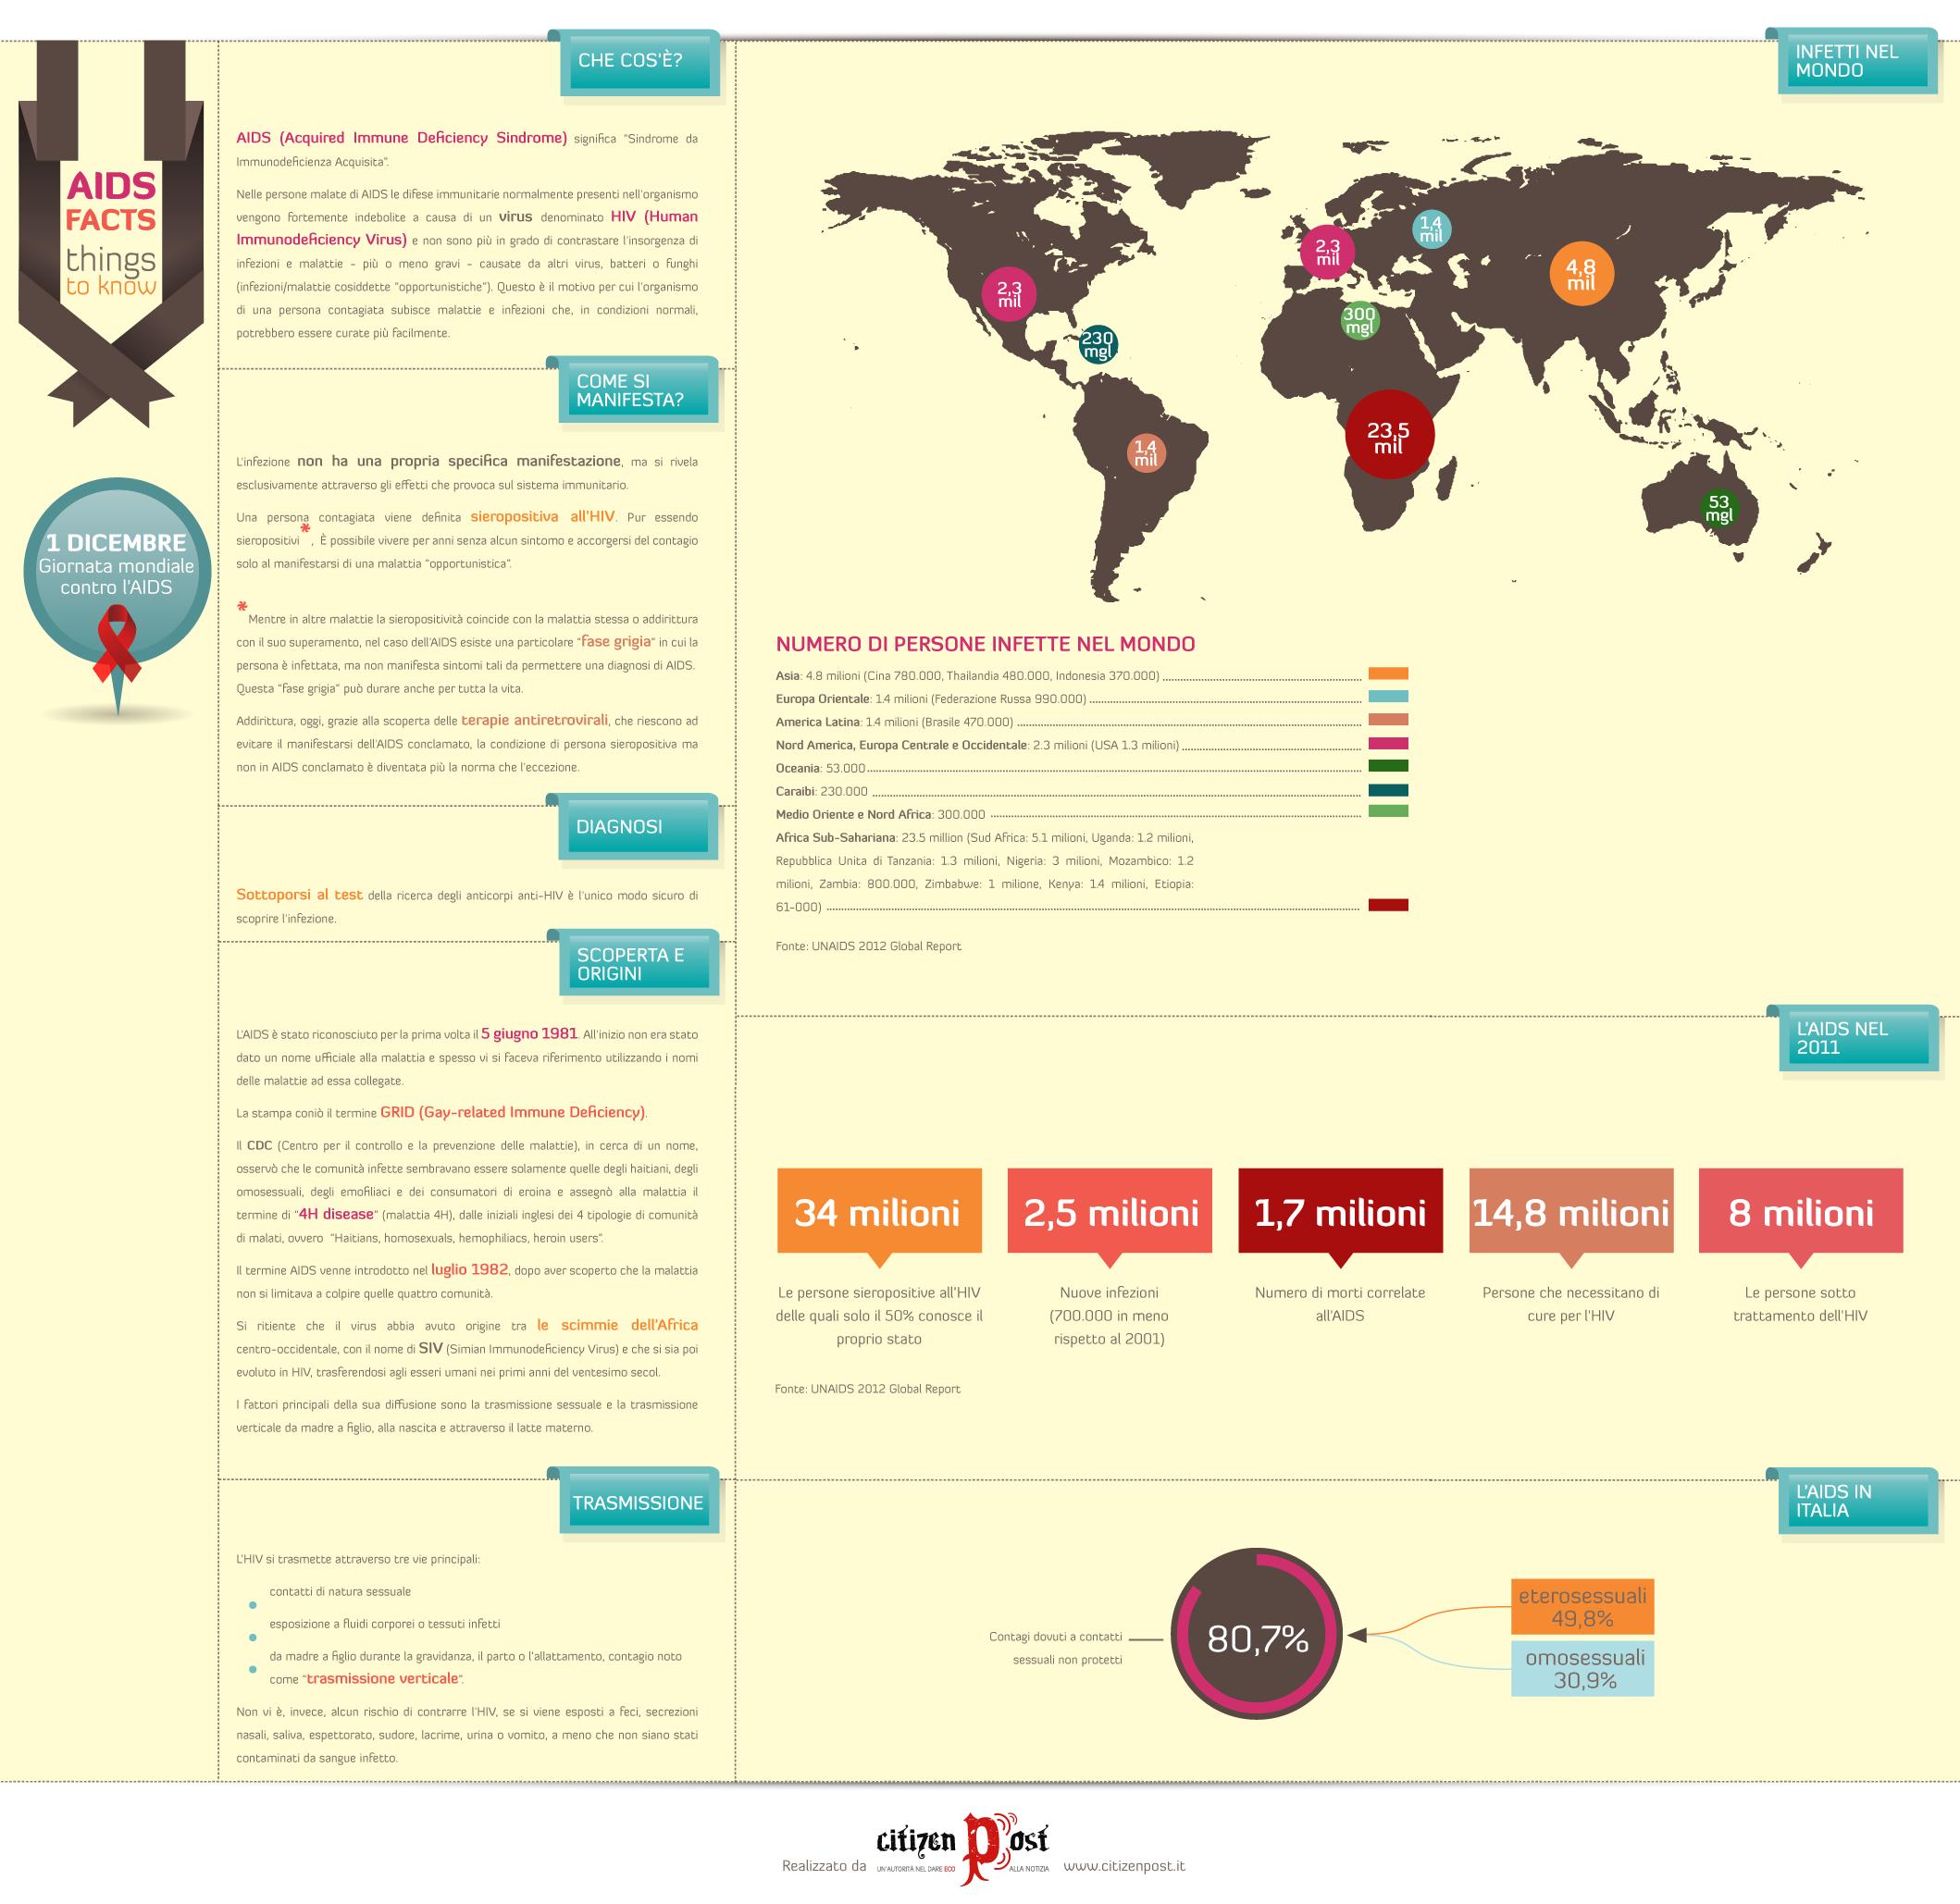 giornata mondiale contro l'aids infografica